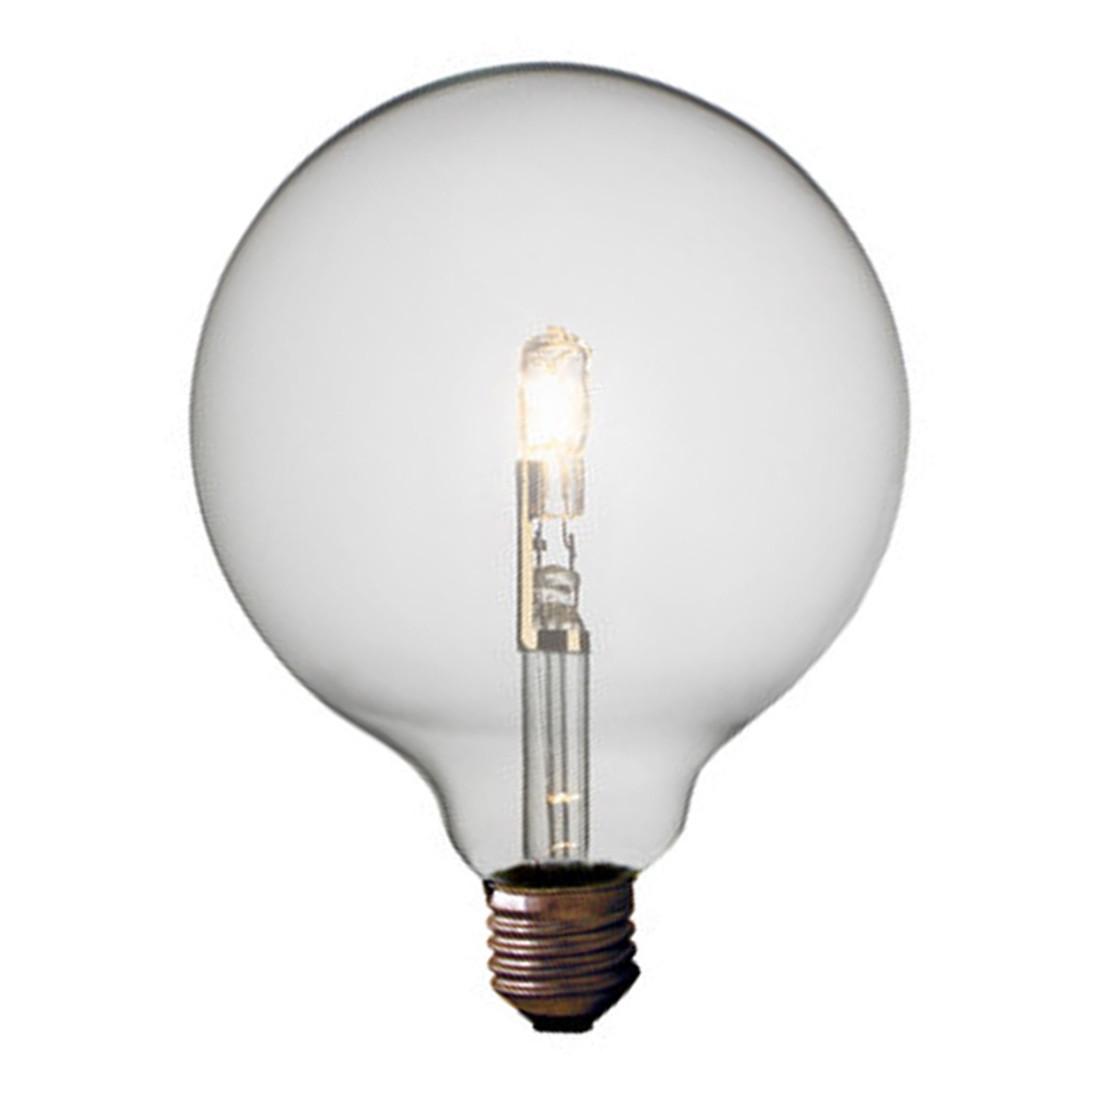 Halogen-Retrofitlampe E27 18 W Globe G125 klar ● Glas Klar- Muuto